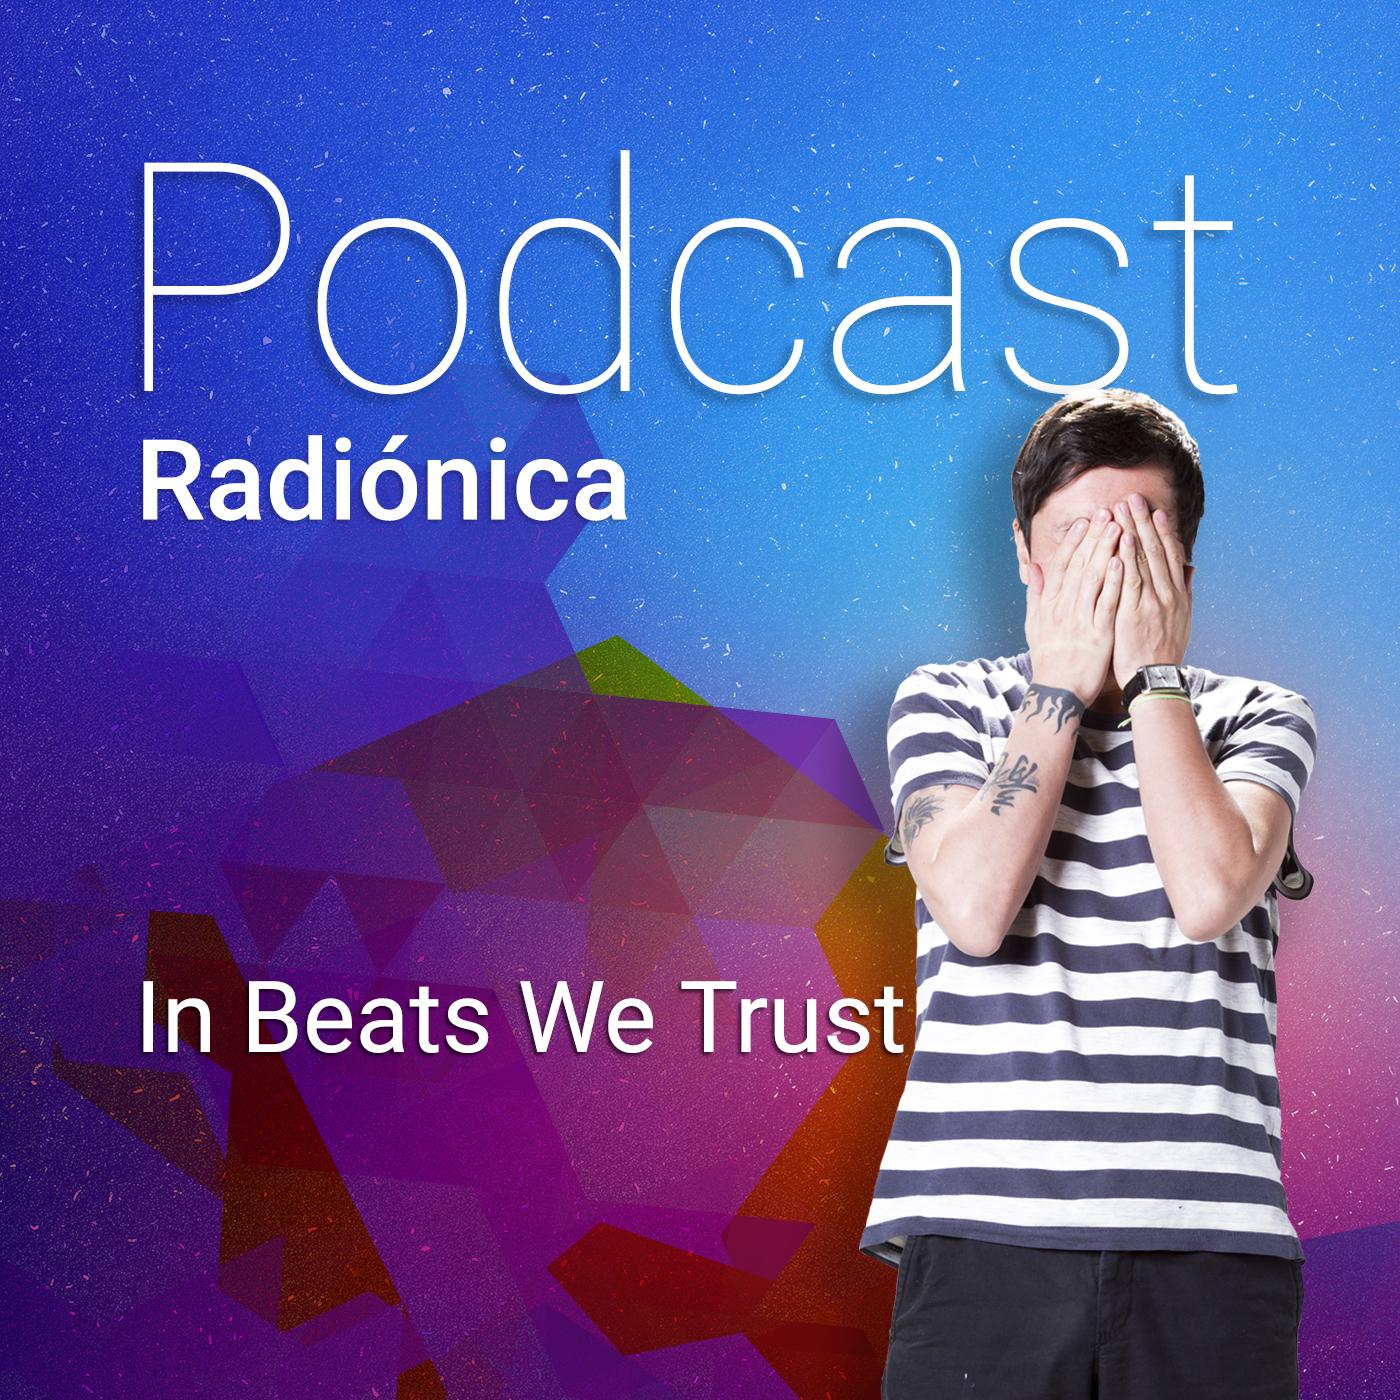 In Beats We Trust